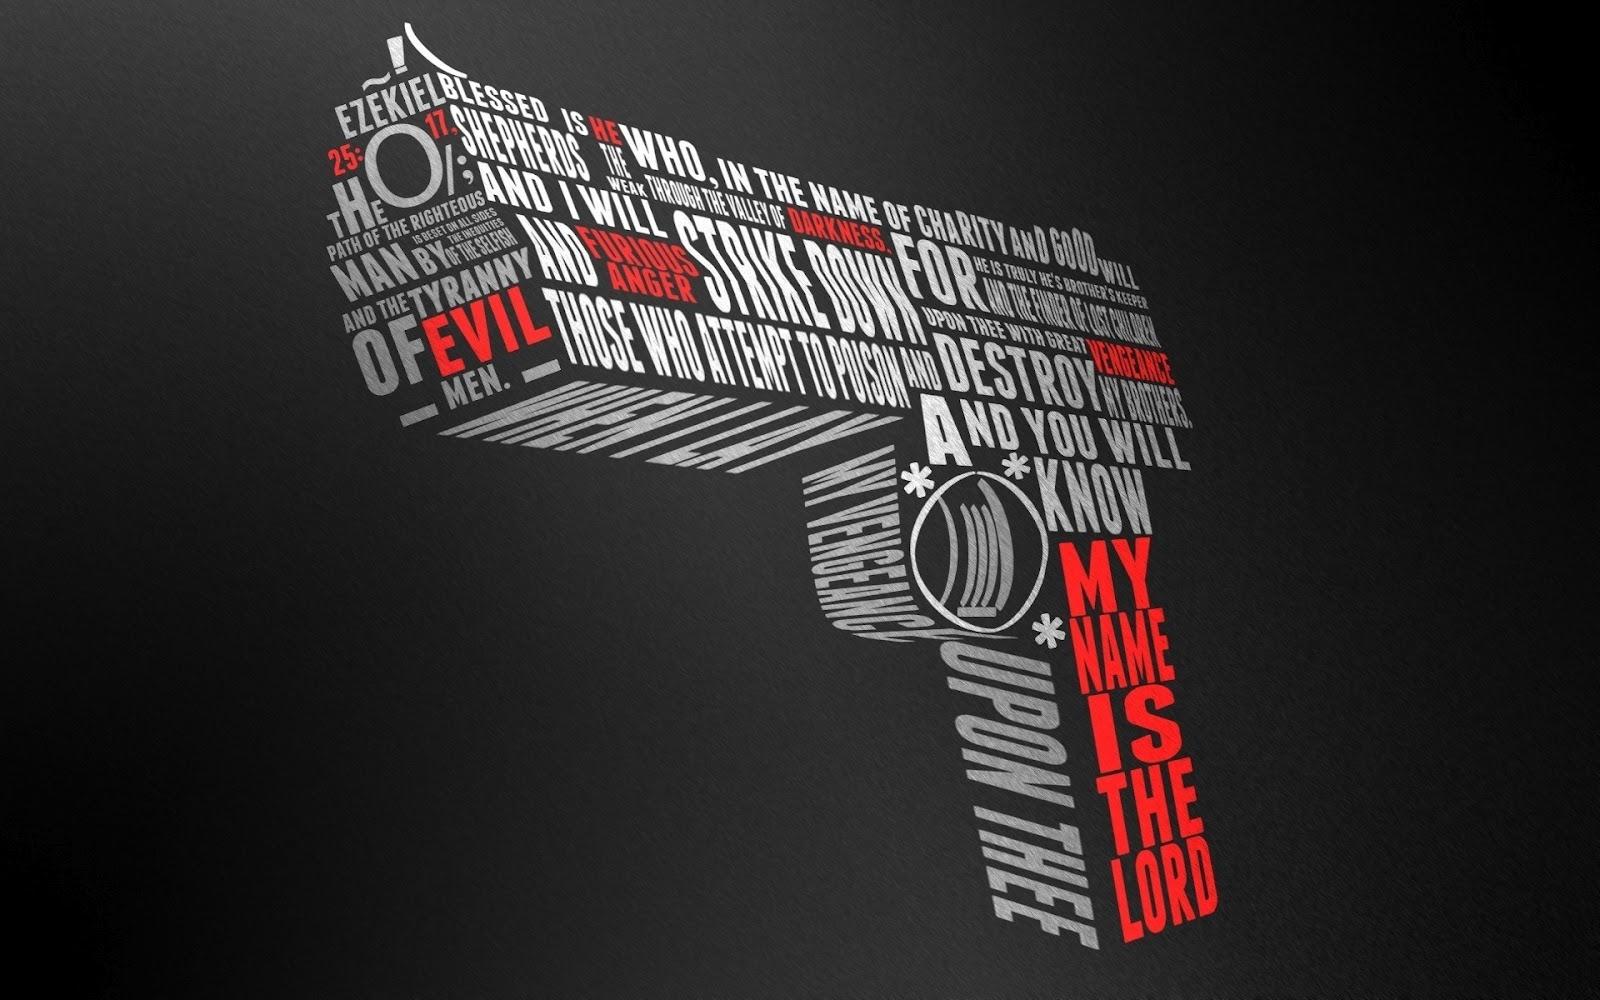 пистолет, обои для рабочего стола, скачать фото, hand gun wallpaper